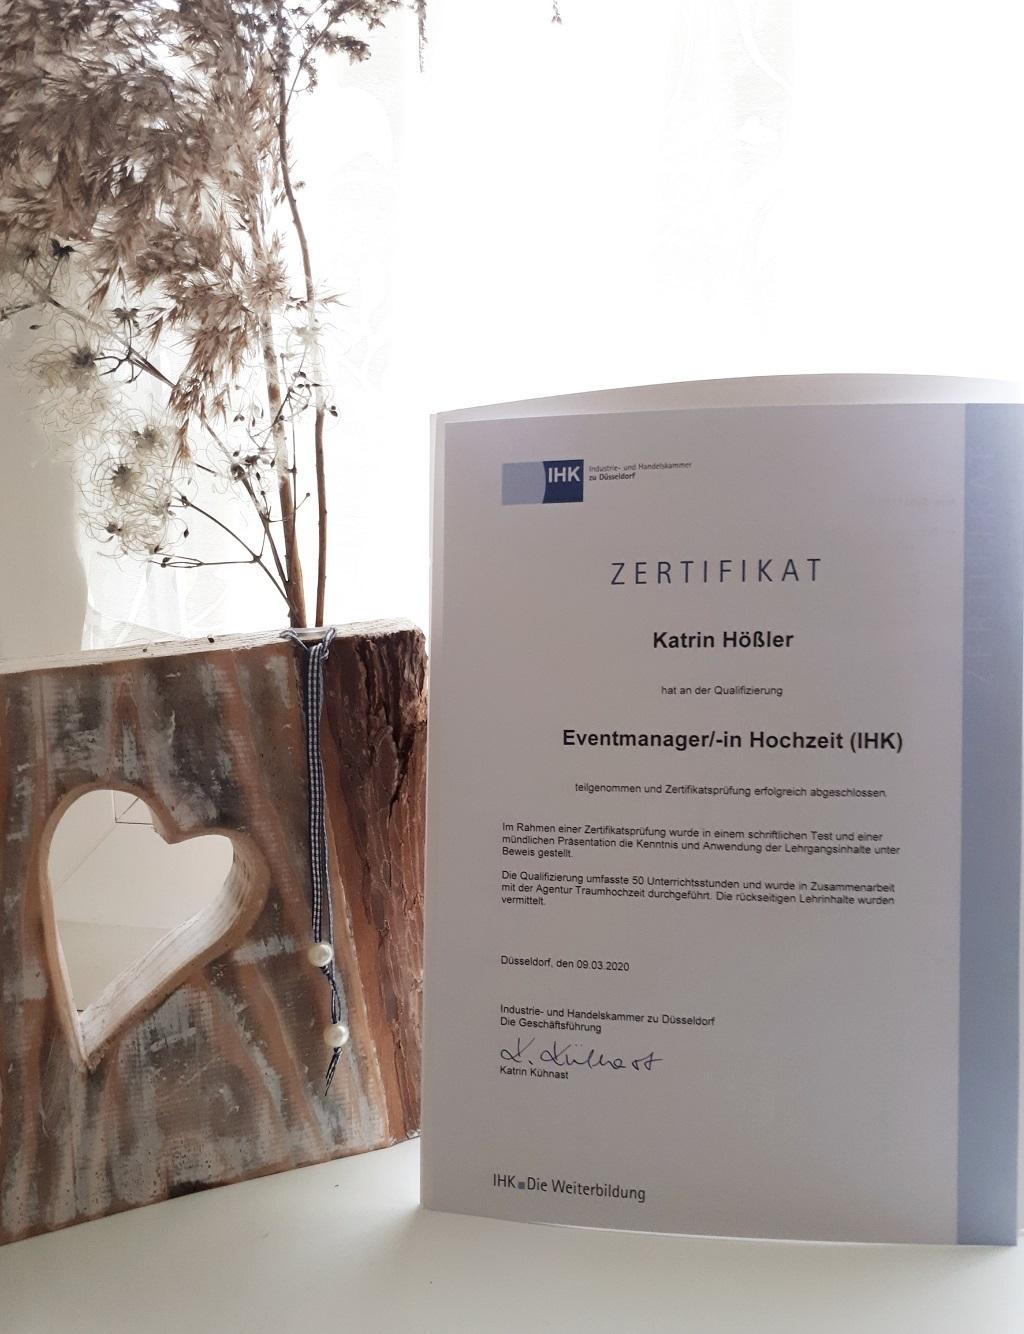 IHK Zertifikat Eventmanager Hochzeit